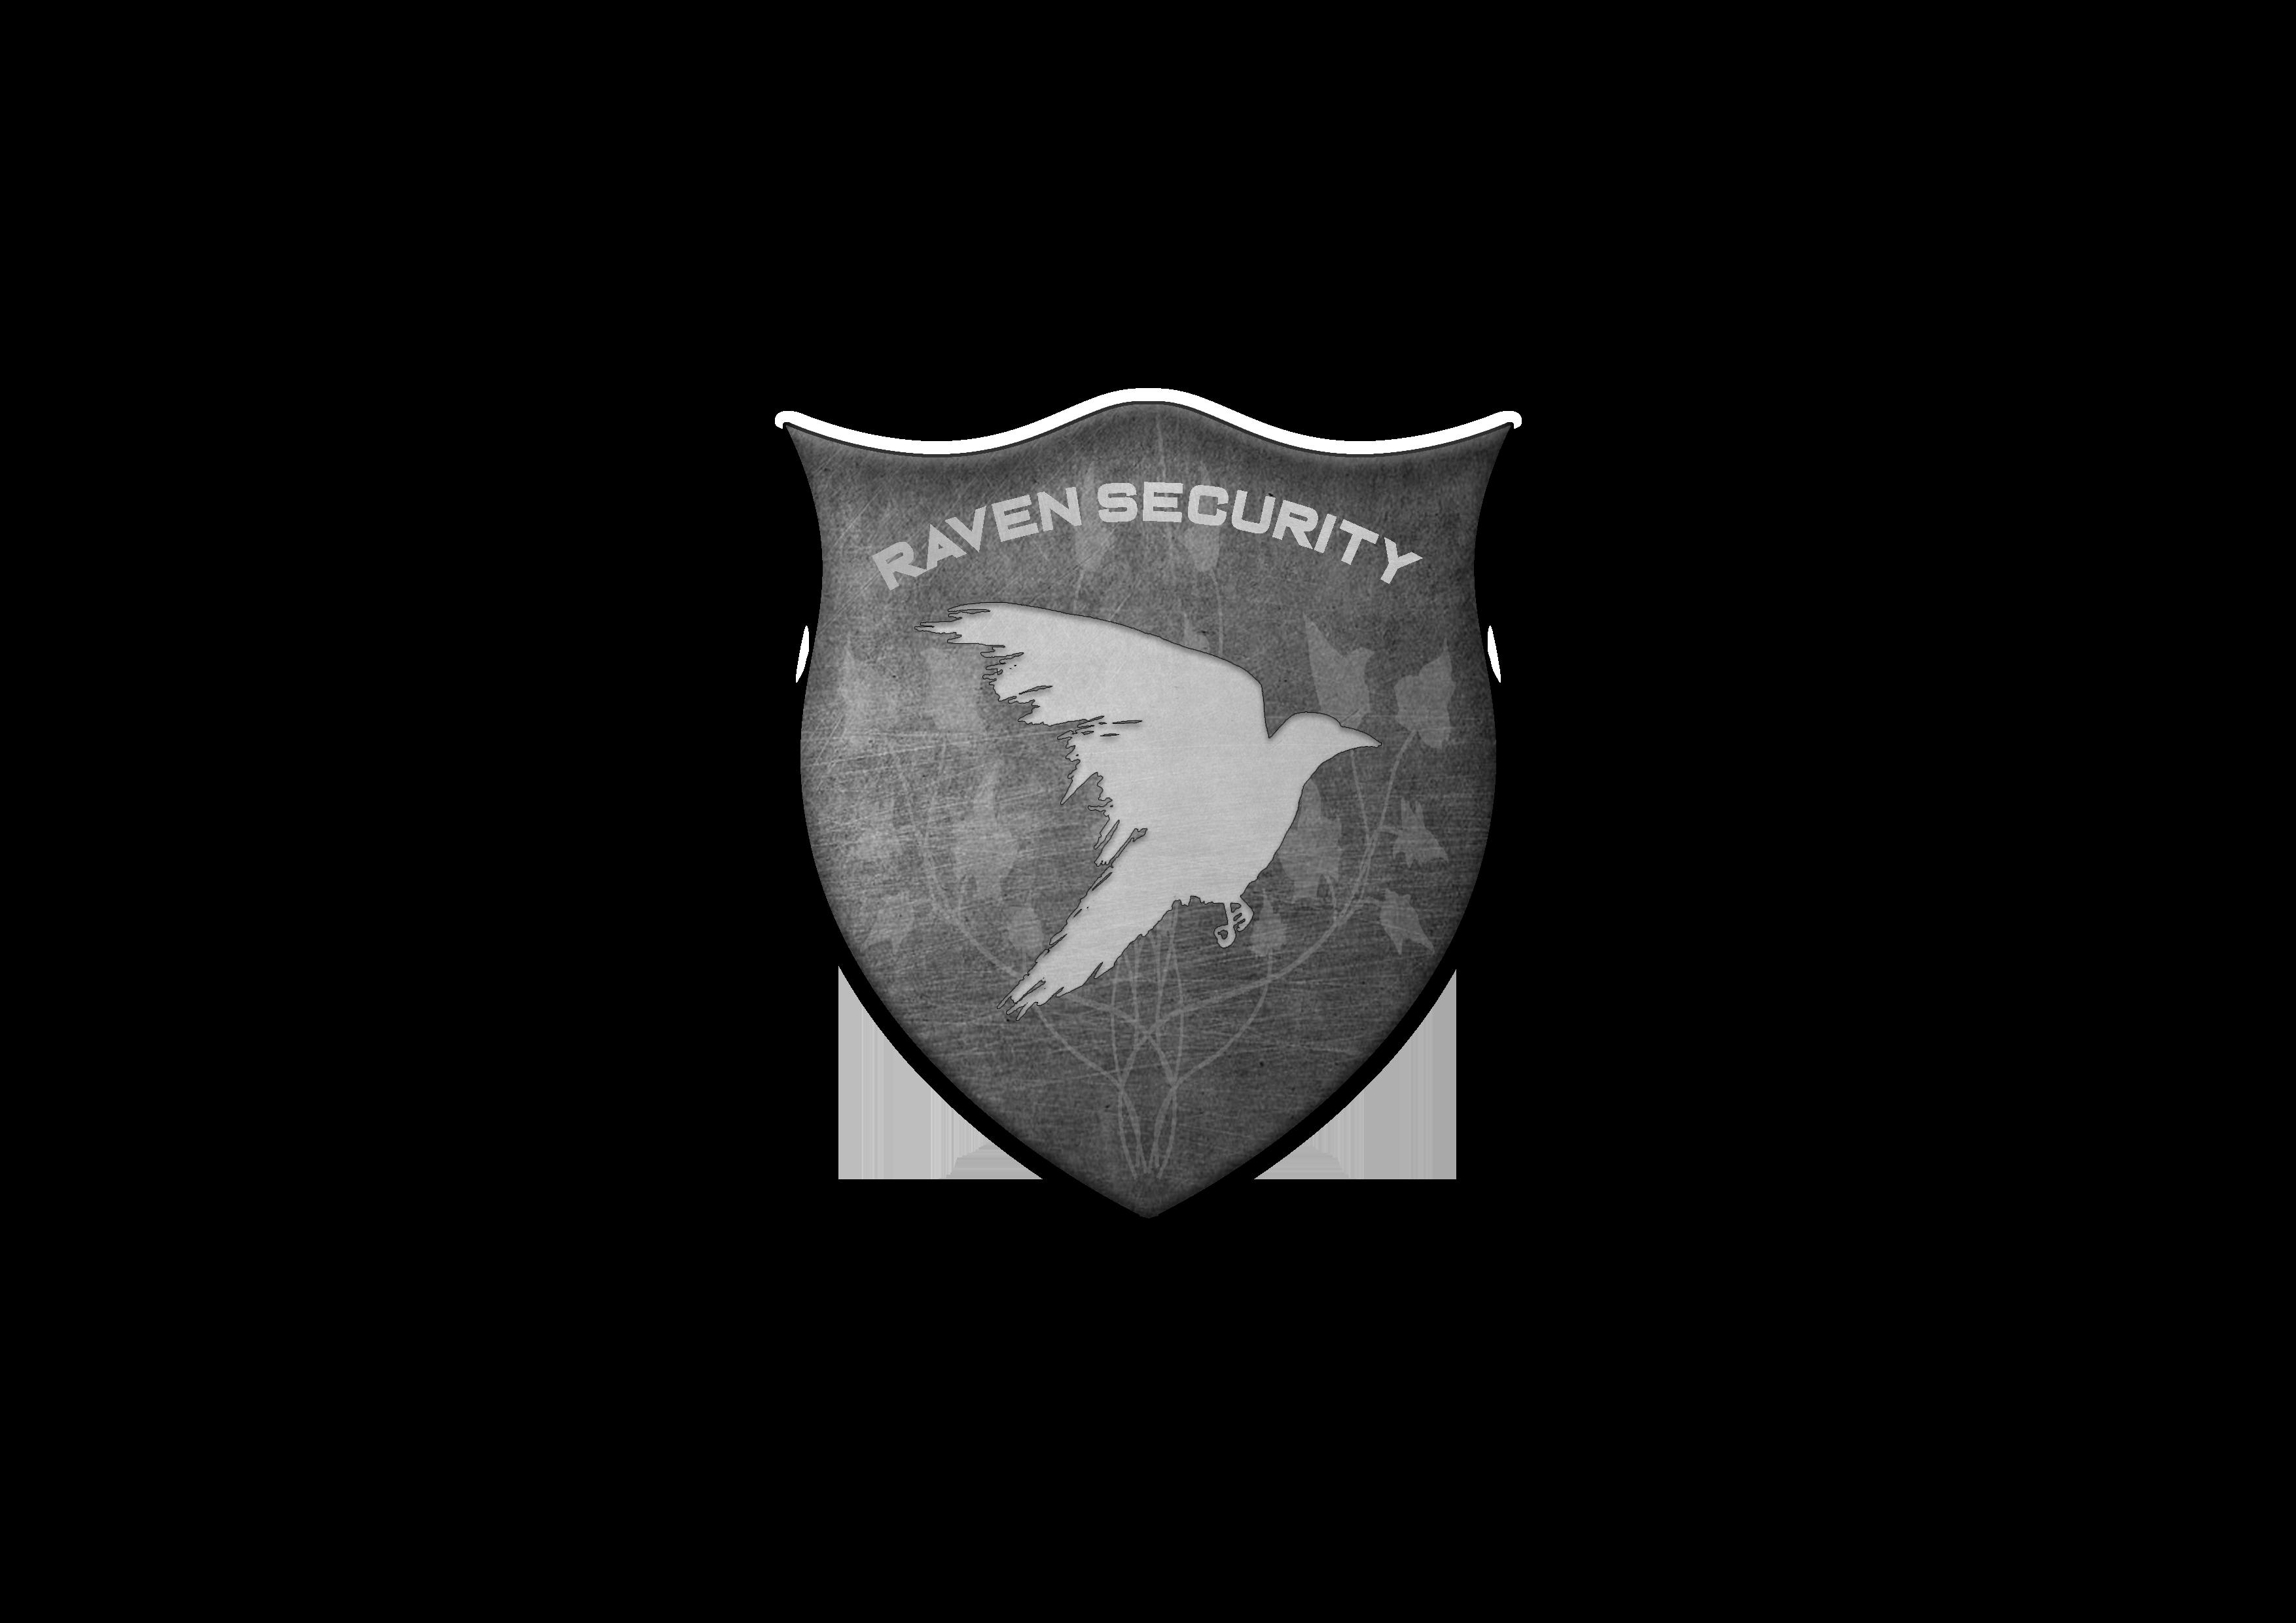 RavenSecurityLogotransparentPNG.png